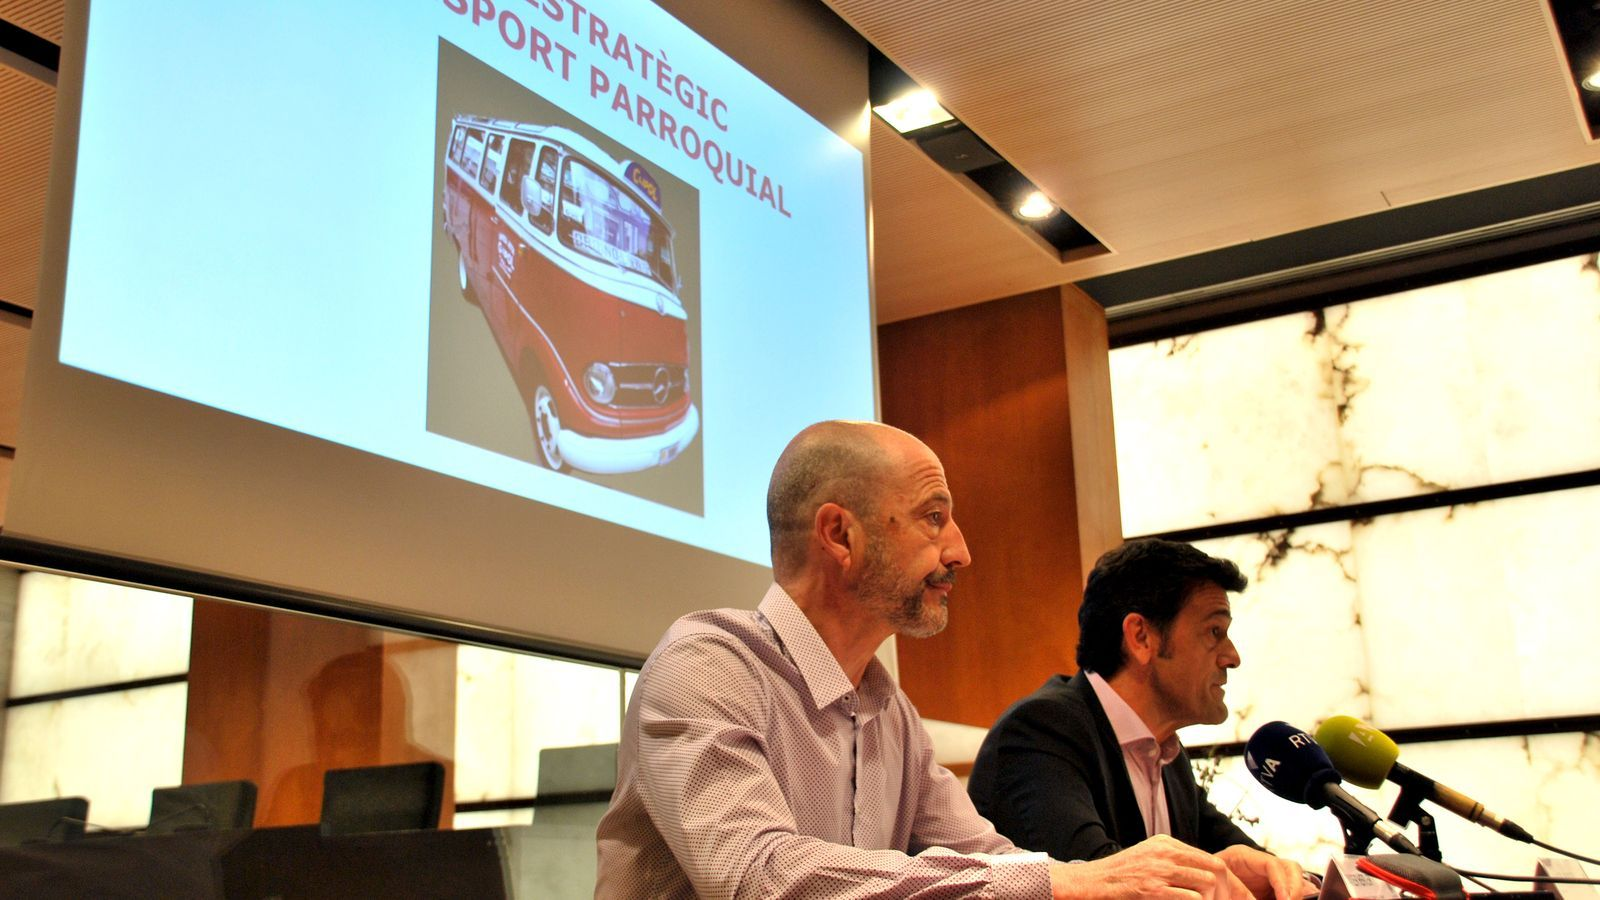 El conseller d'Administració, Comunicació i Comerç del comú d'Ordino, Xaver Herver, i el cònsol major, Josep Àngel Mortés, presenten el nou Pla estratègic de transport parroquial. / C. G. (ANA)